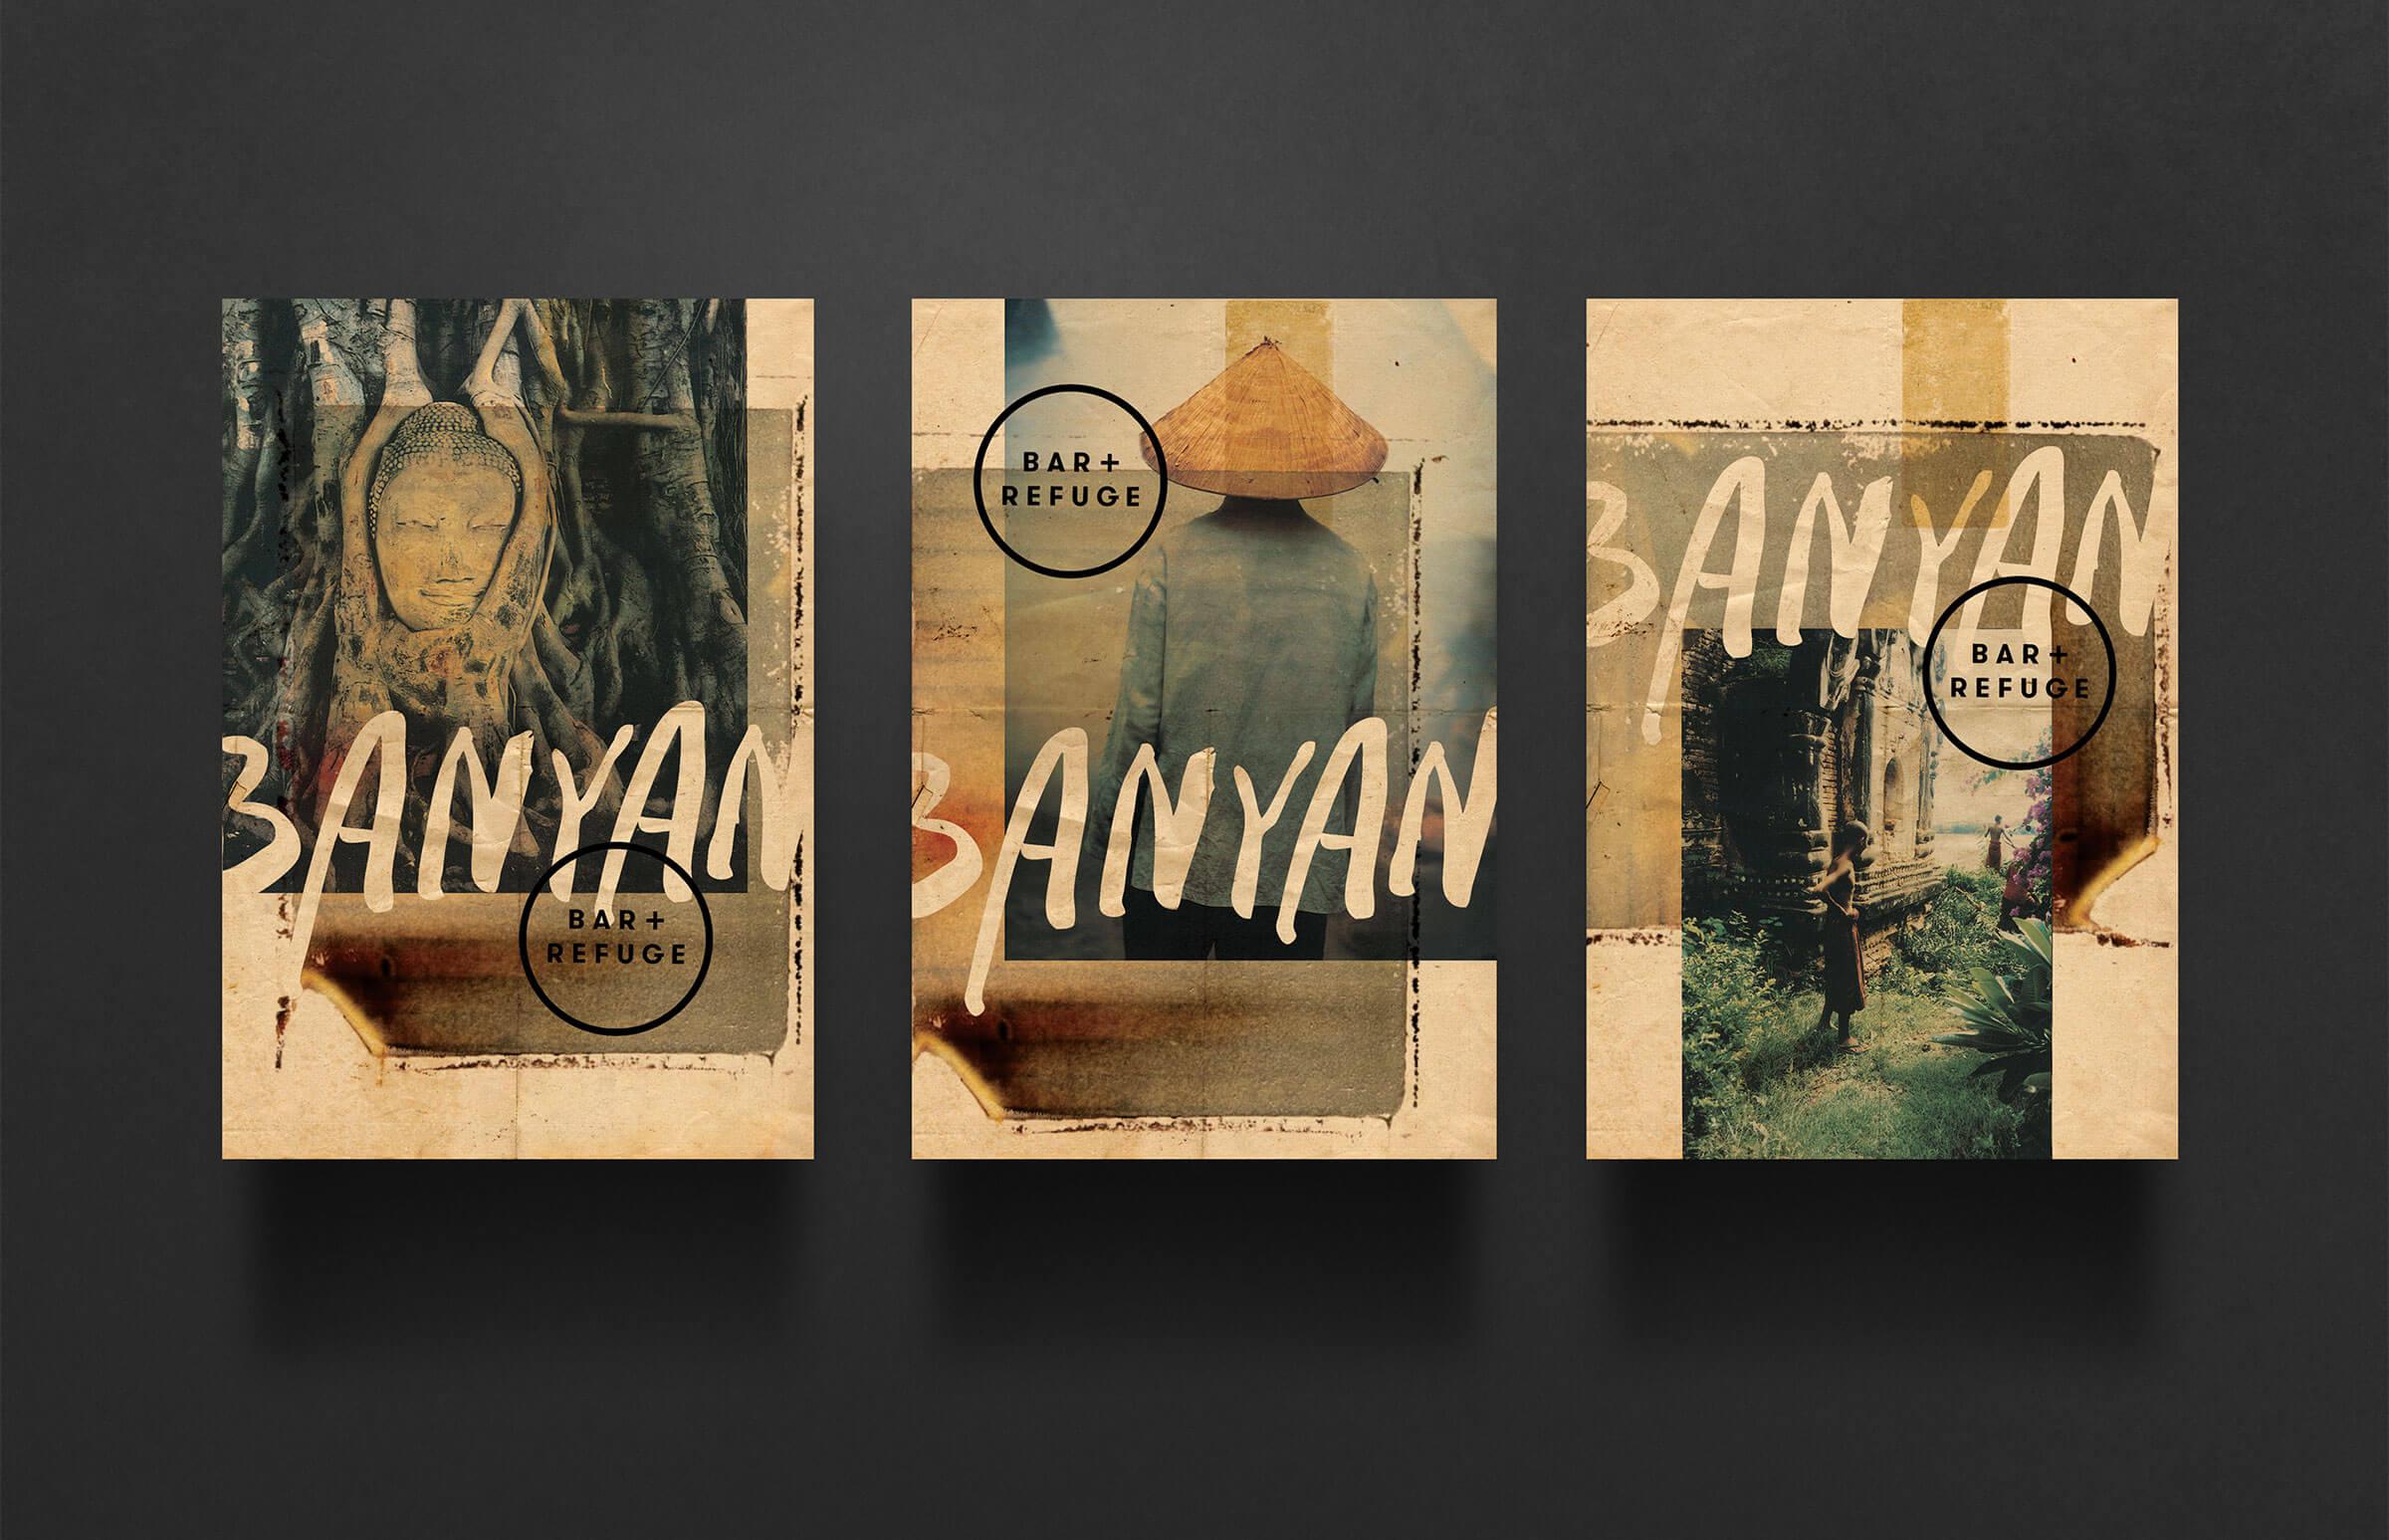 Banyan_03